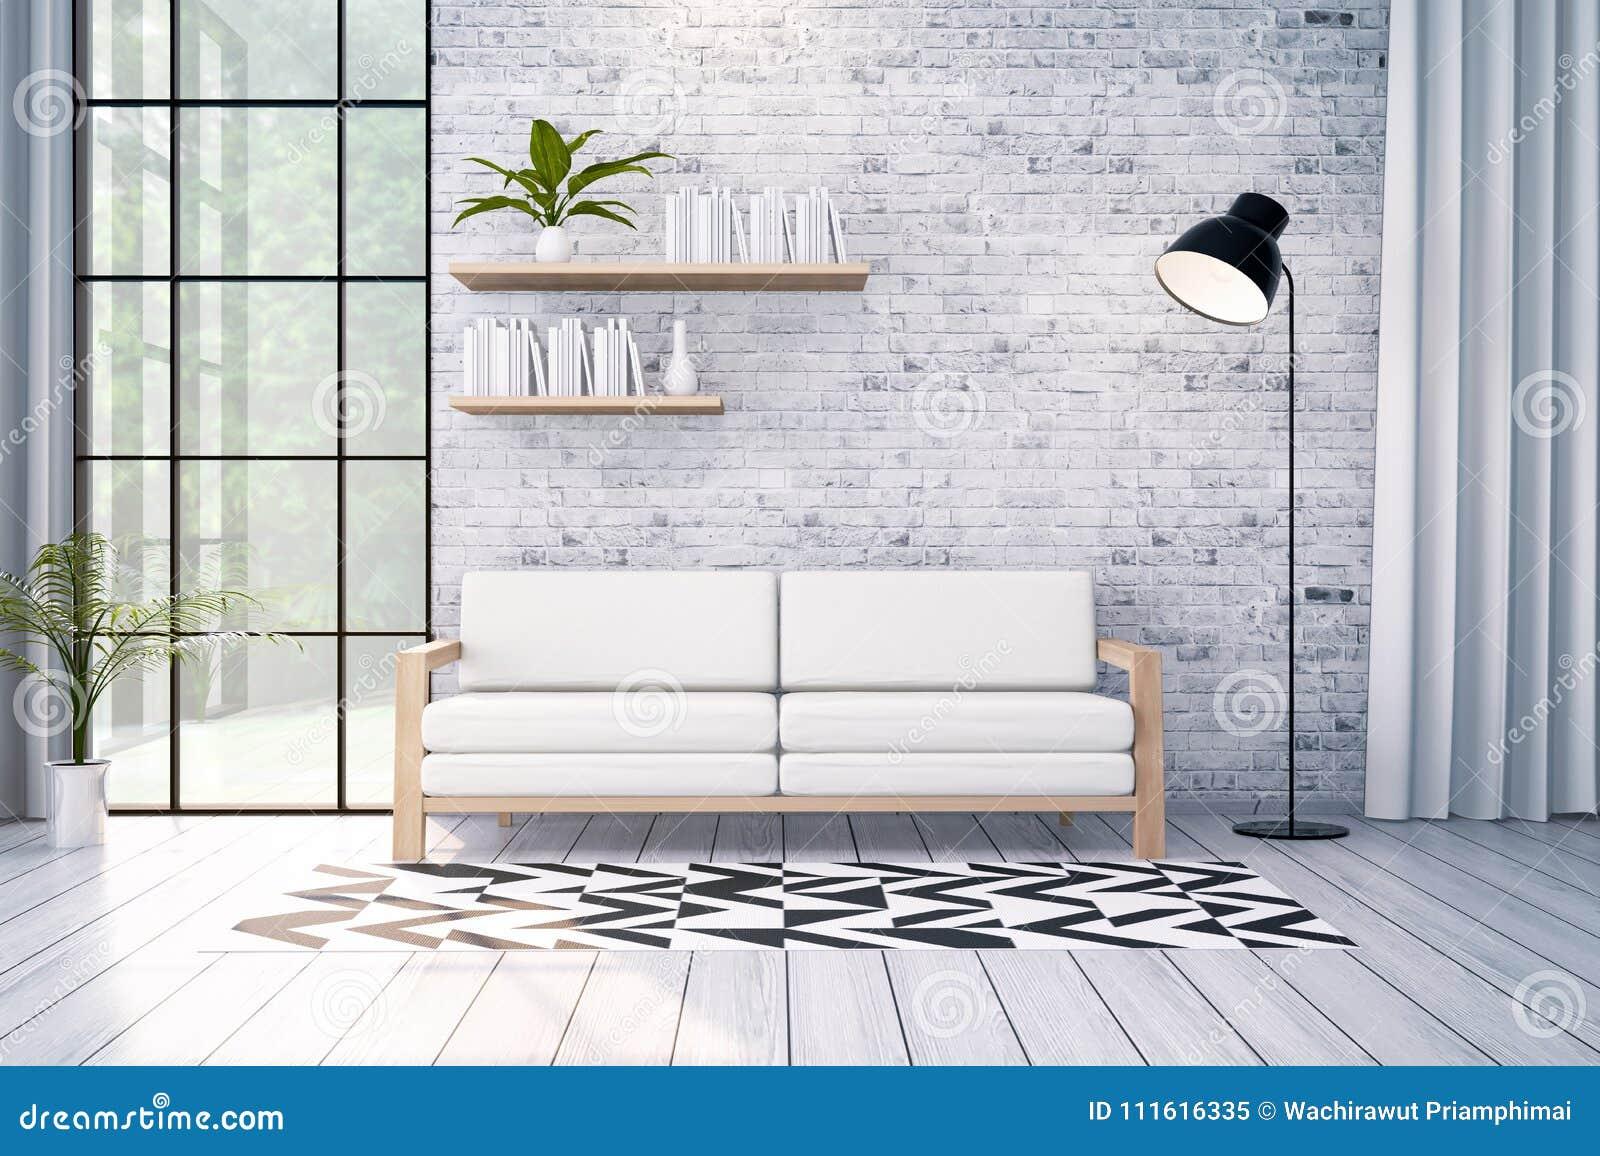 O design de interiores moderno do sótão, o sofá branco e a lâmpada preta na parede de tijolo, 3d rendem